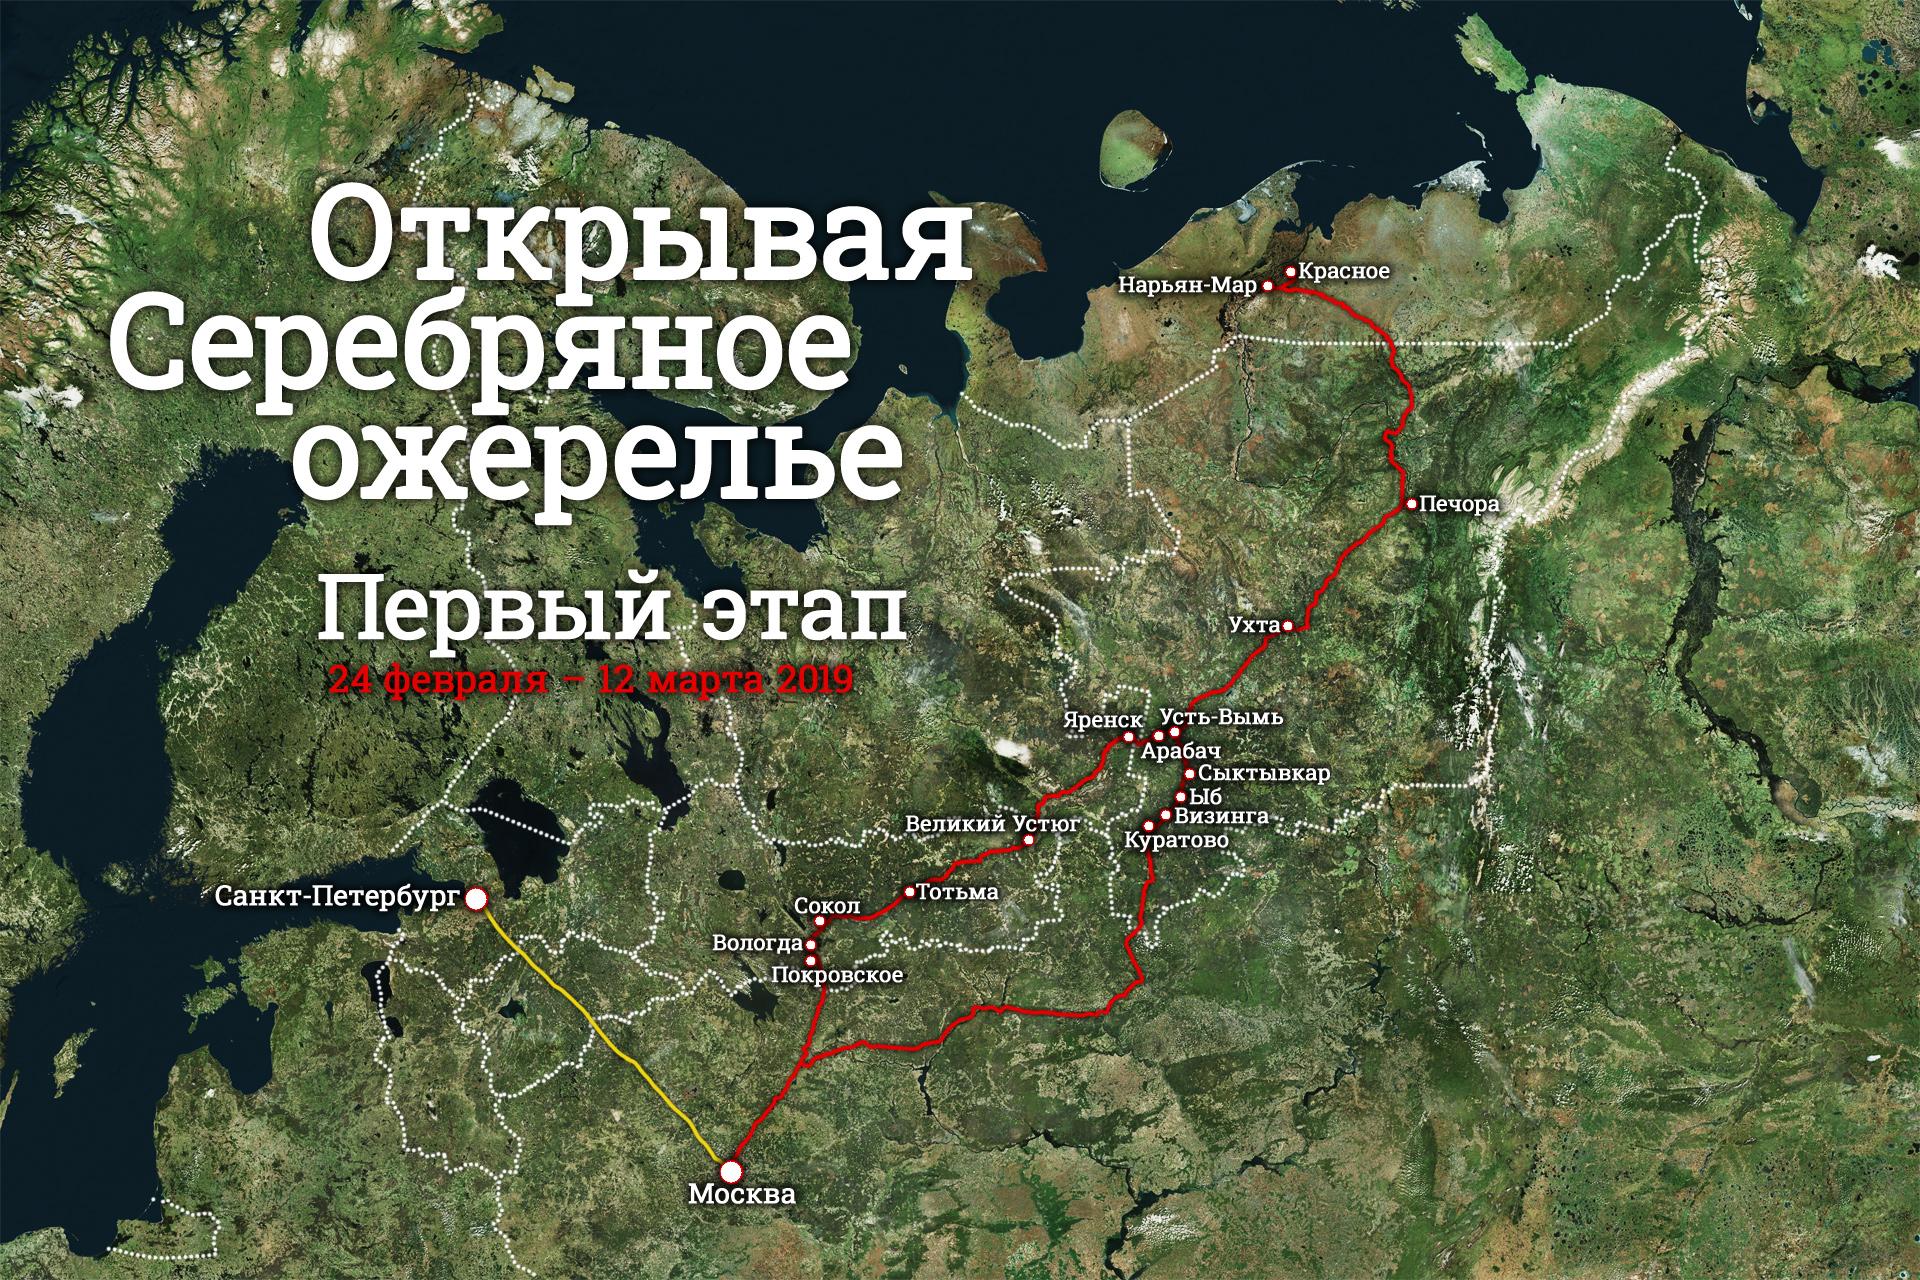 Маршрут путешествия «Открывая Серебряное ожерелье: 1-й этап»